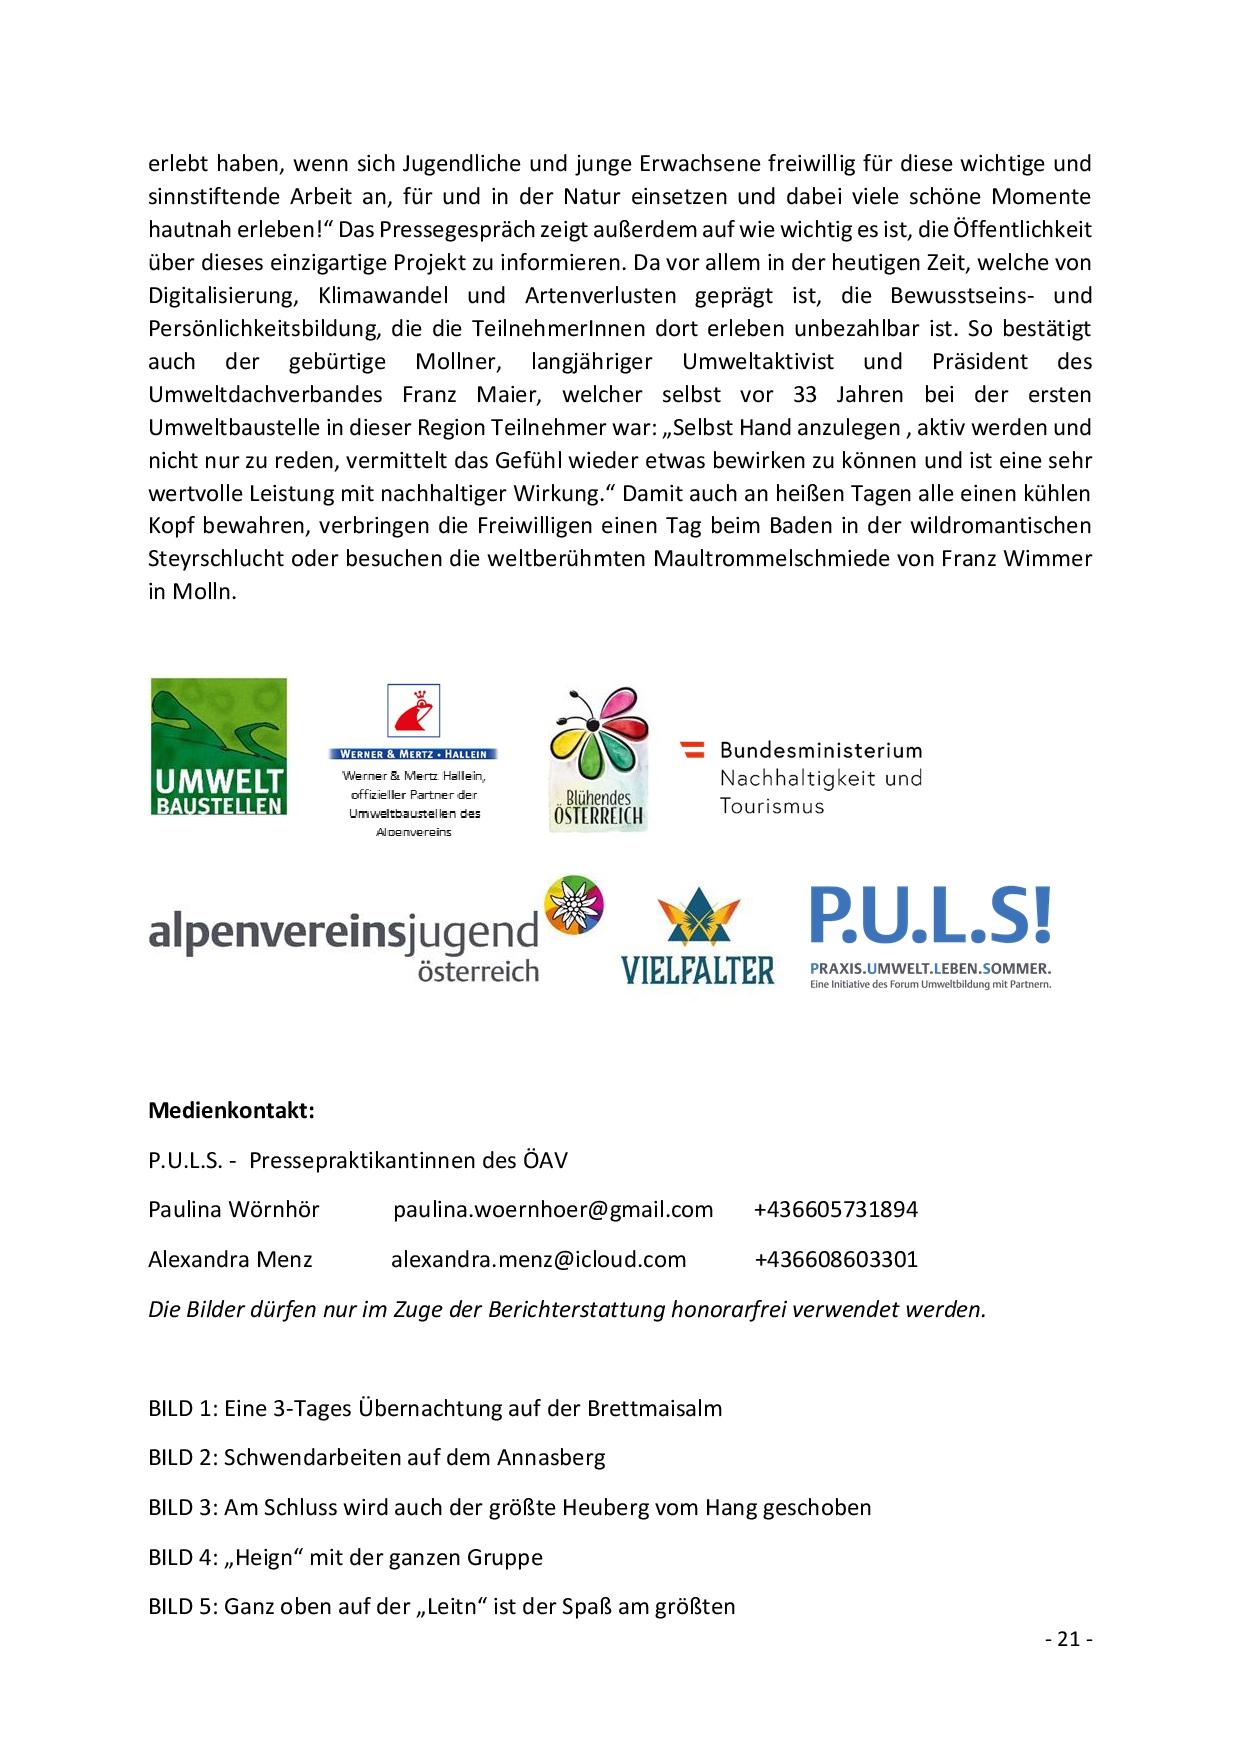 Projektdokumentation_Bergwiesn-Heign2_ÖAV_2019-022